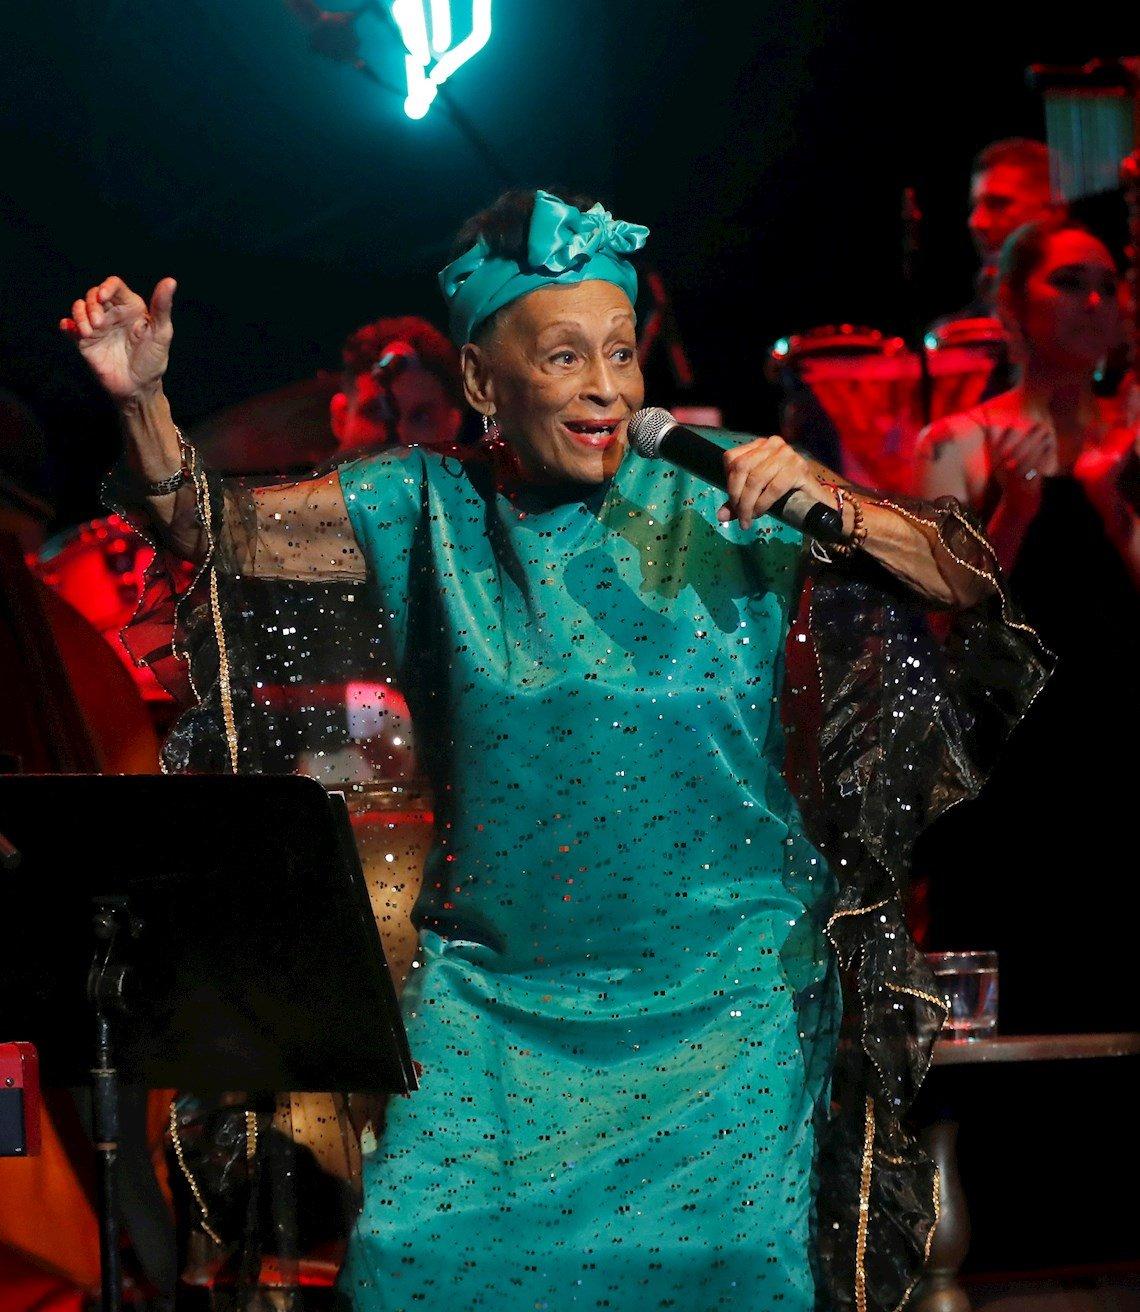 La cantante cubana Omara Portuondo en el concierto homenaje organizado por el músico Roberto Fonseca, durante la clausura del 35 Festival de Jazz Plaza de La Habana, el 19 de enero de 2020. Foto: Ernesto Mastrascusa / EFE.